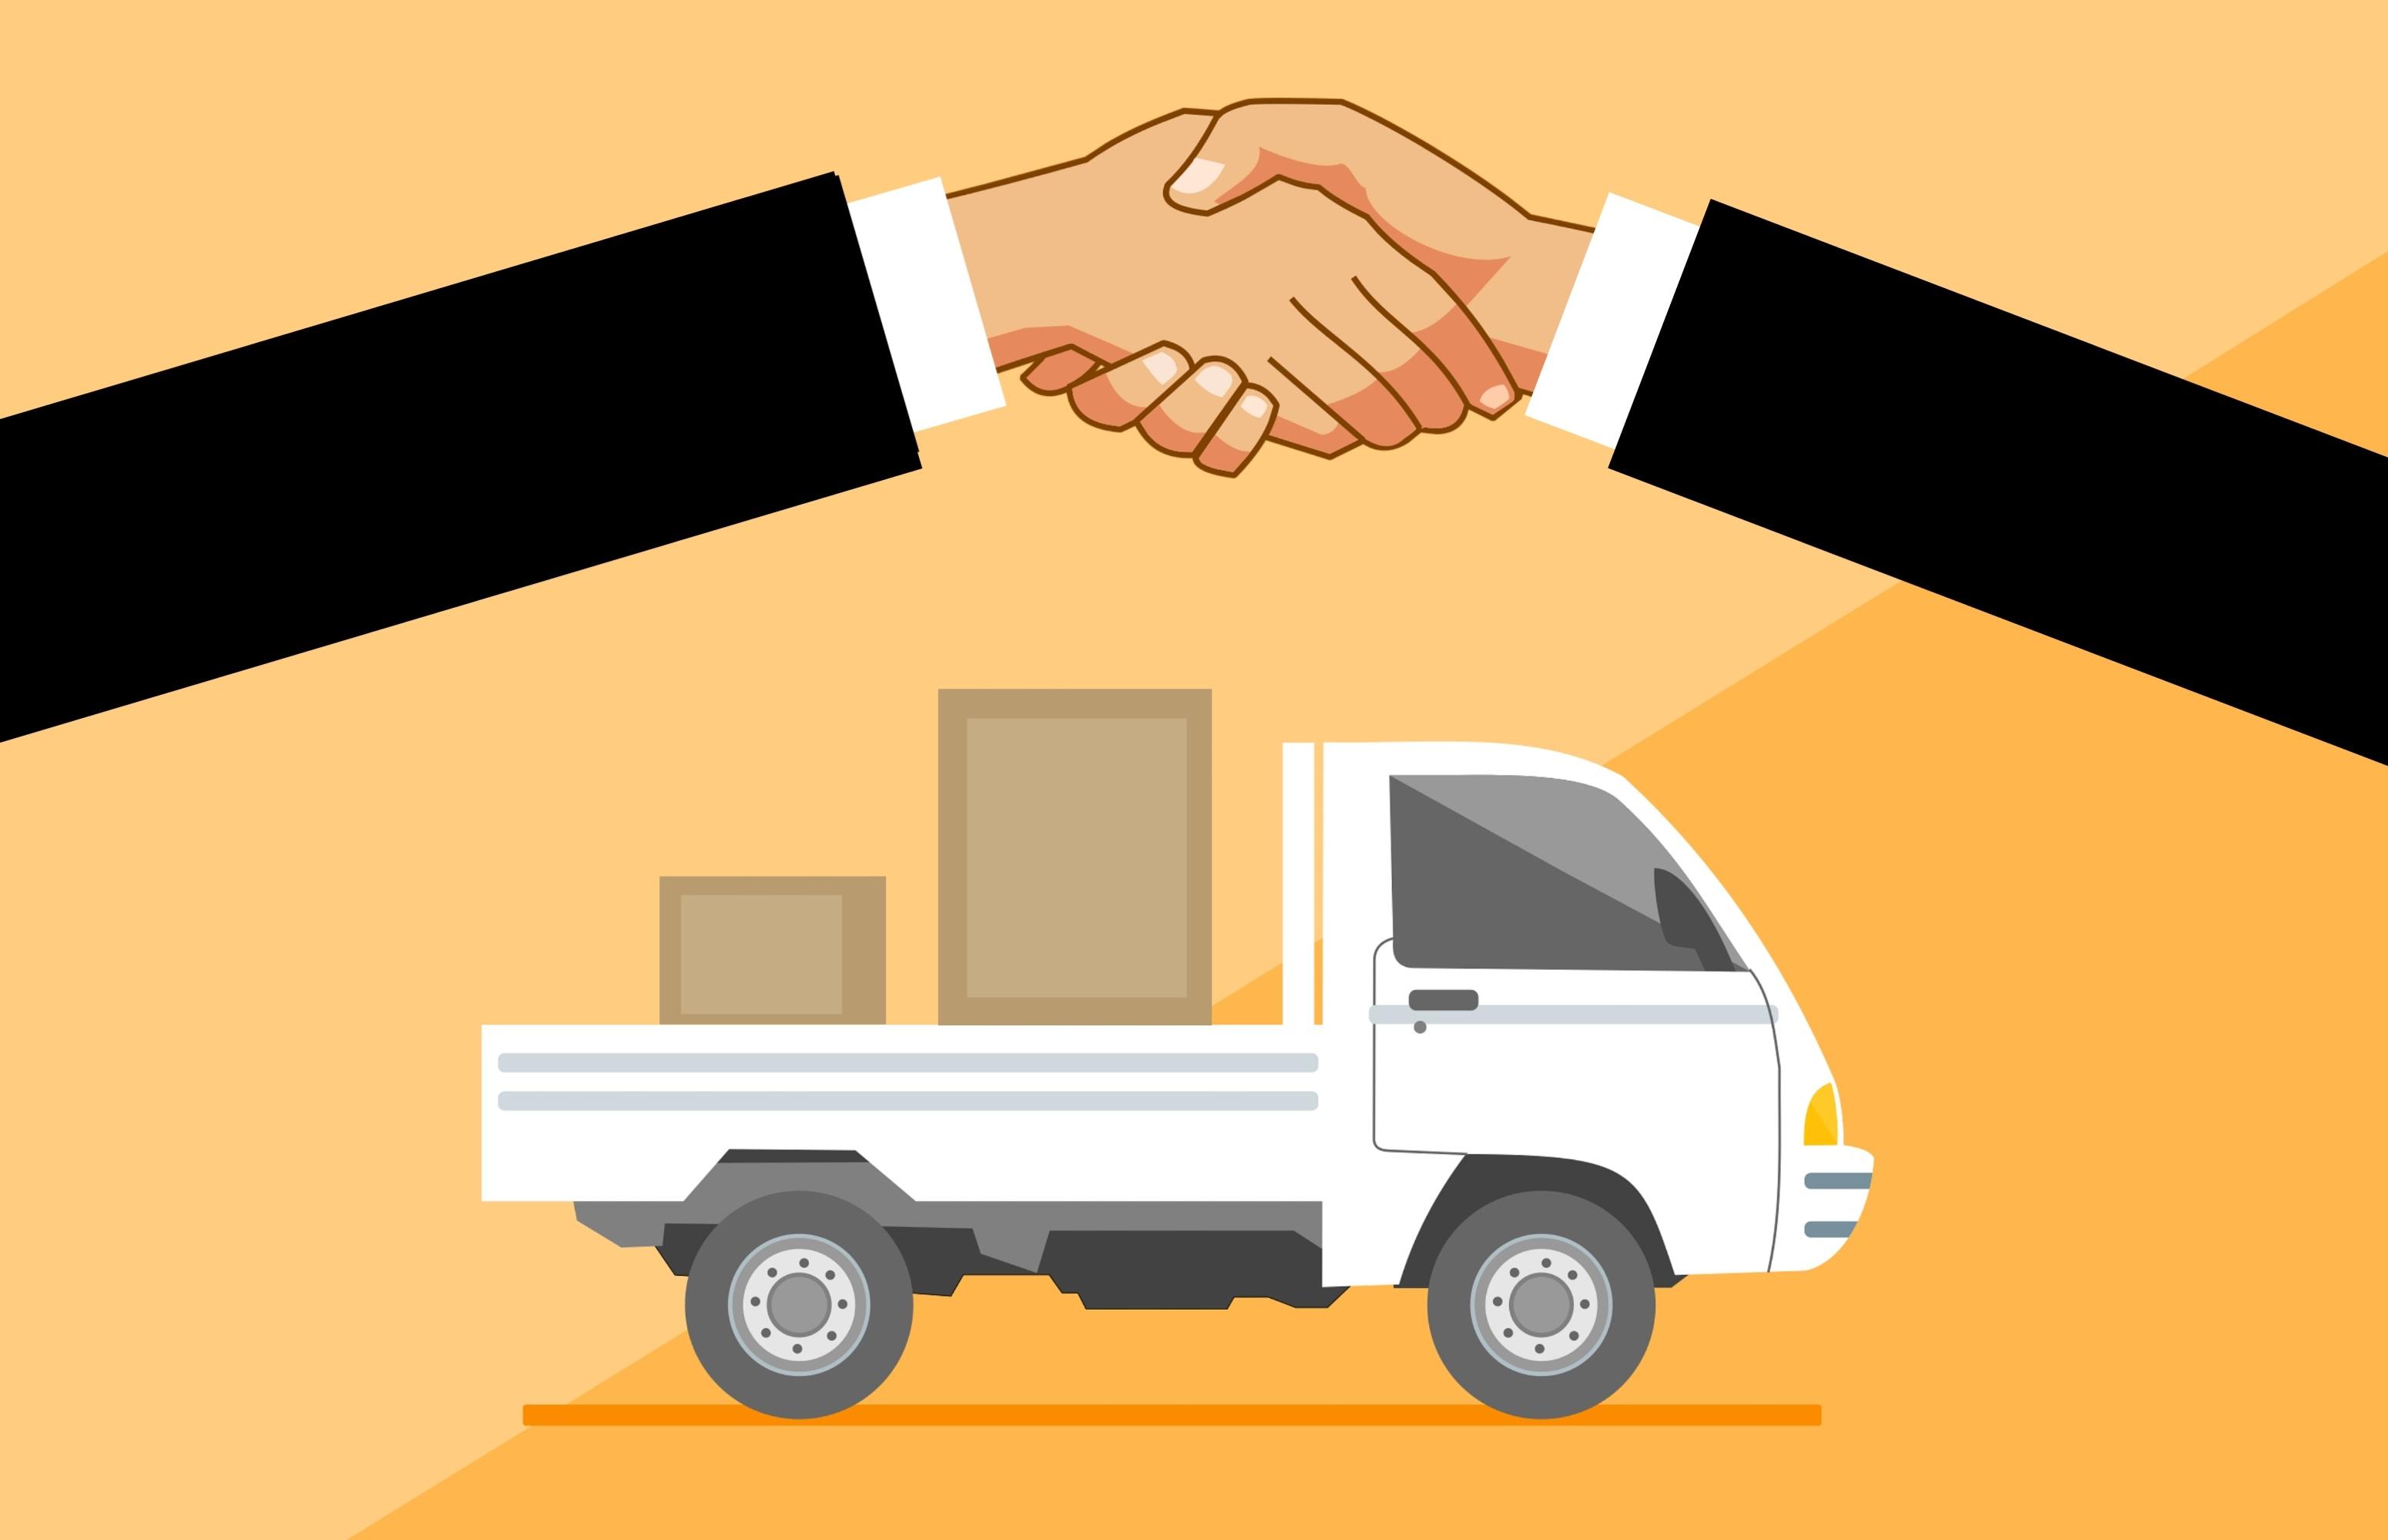 كيفية اختيار شركة الشحن المناسبة